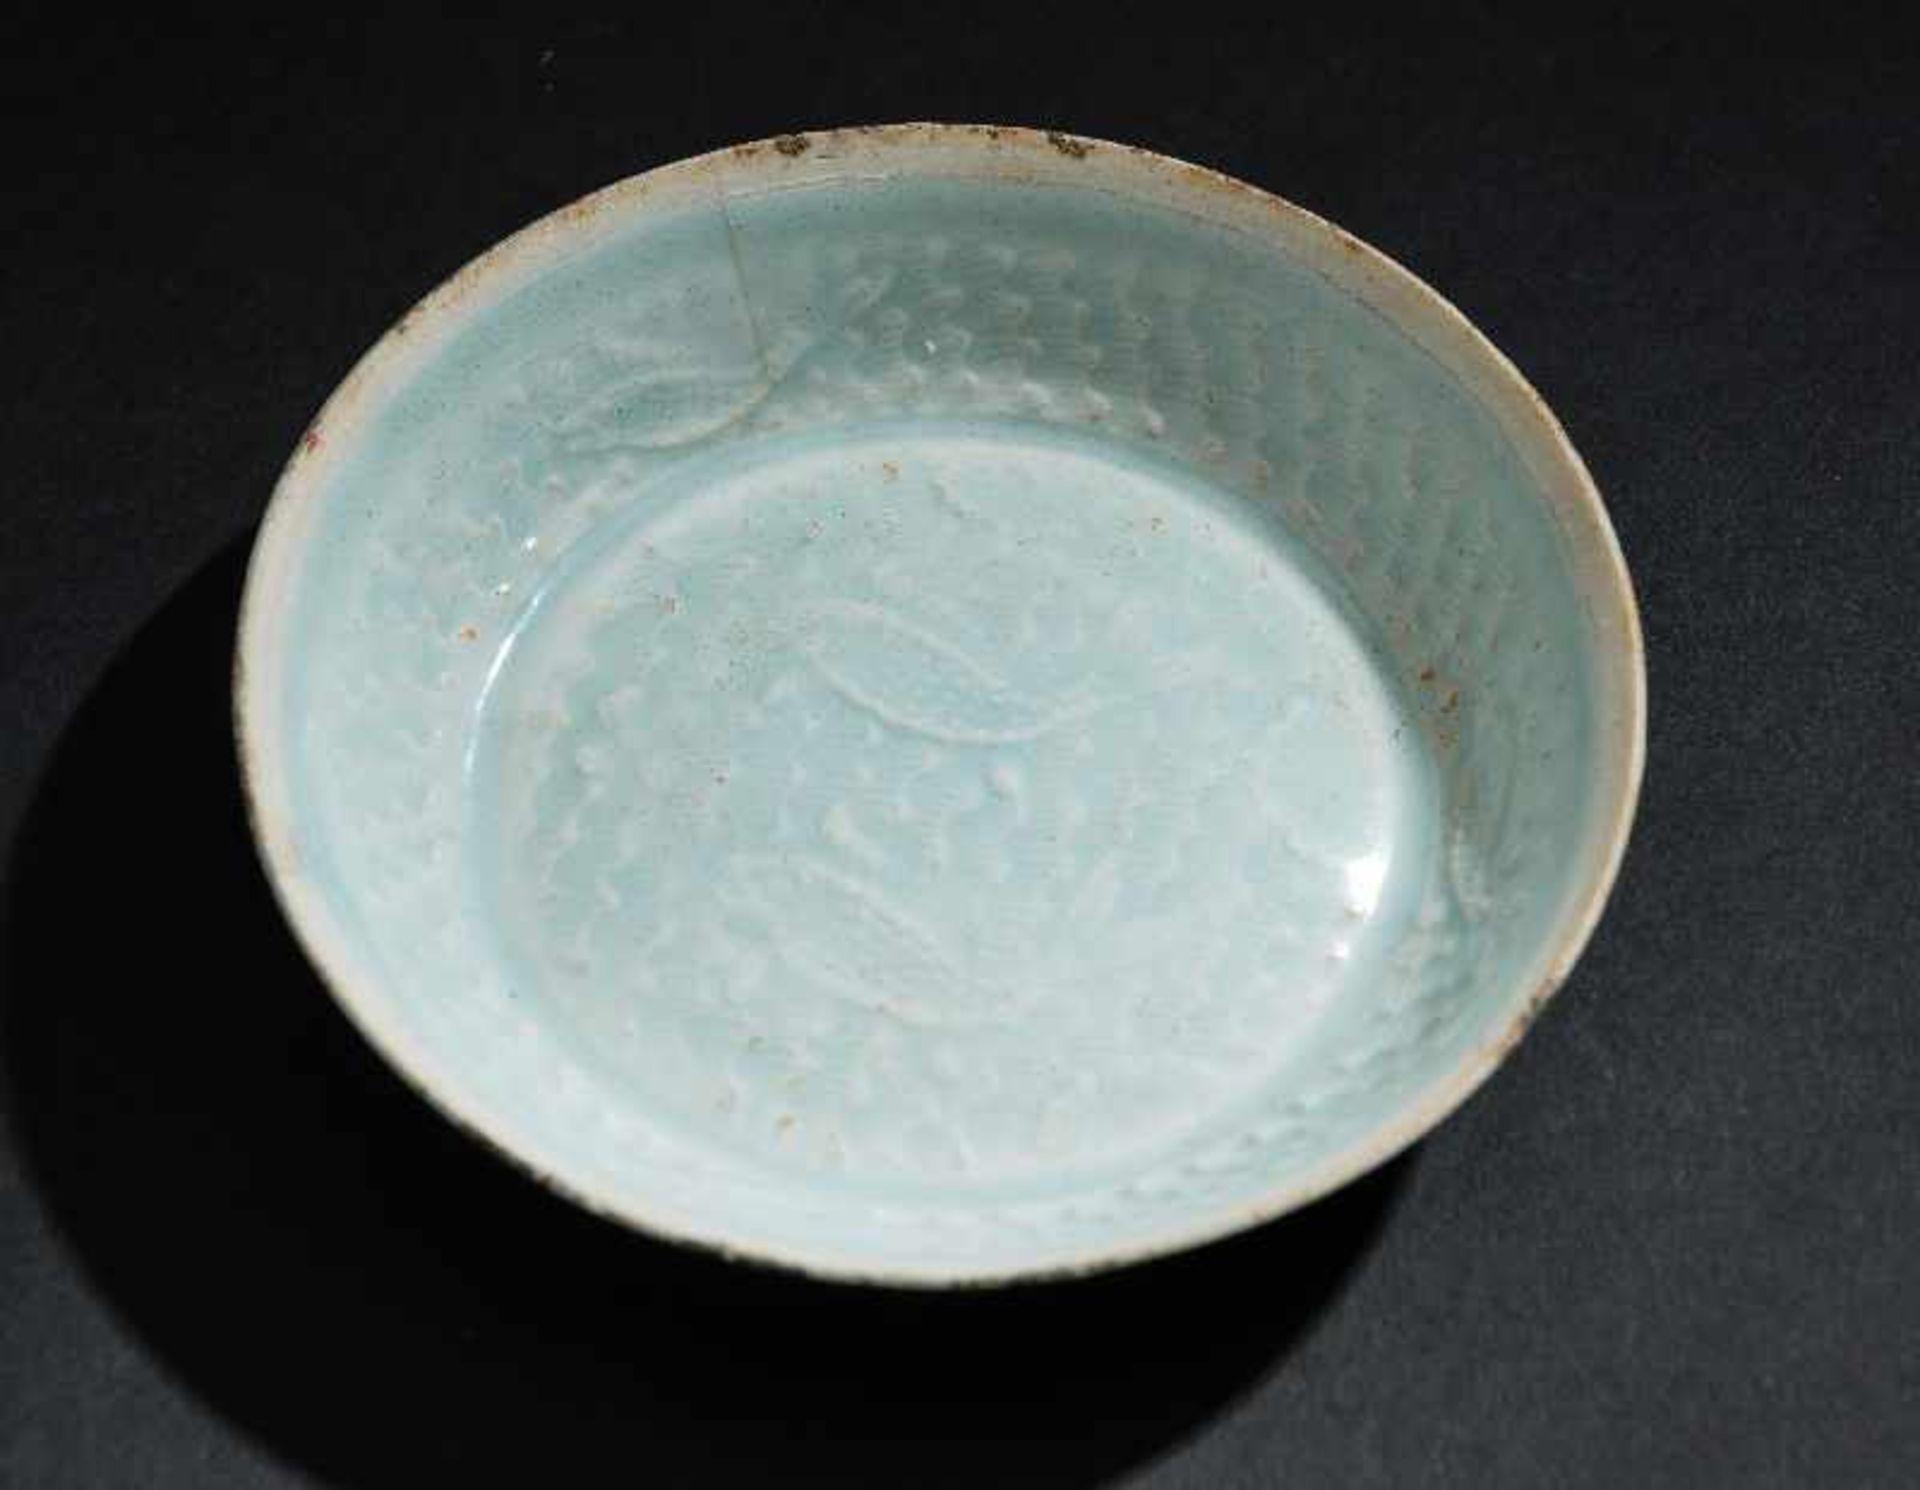 SCHÄLCHEN MIT FISCHENProtoporzellan. China, Song-Dynastie, ca. 10 – 12. Jh. Dieses dünnwandinge - Image 5 of 5